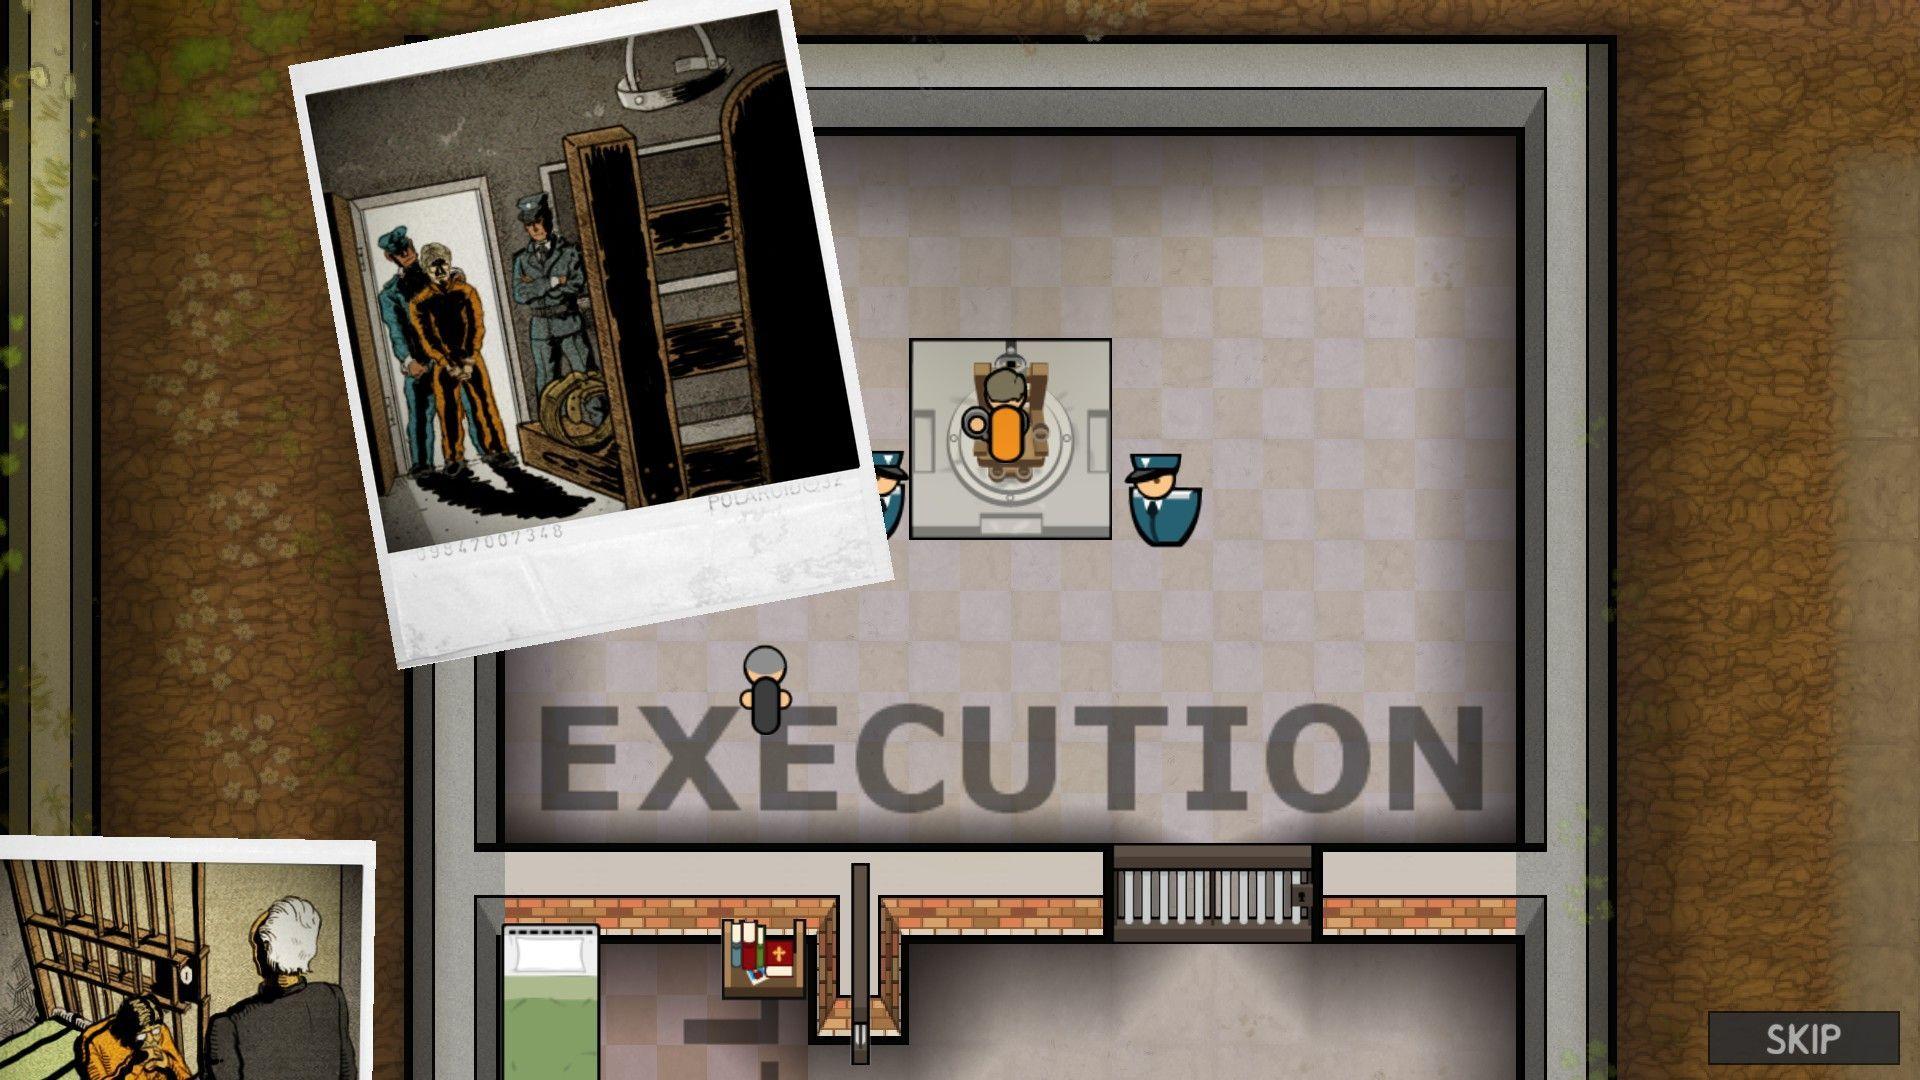 Jedan od načina kako se može napustiti zatvor.